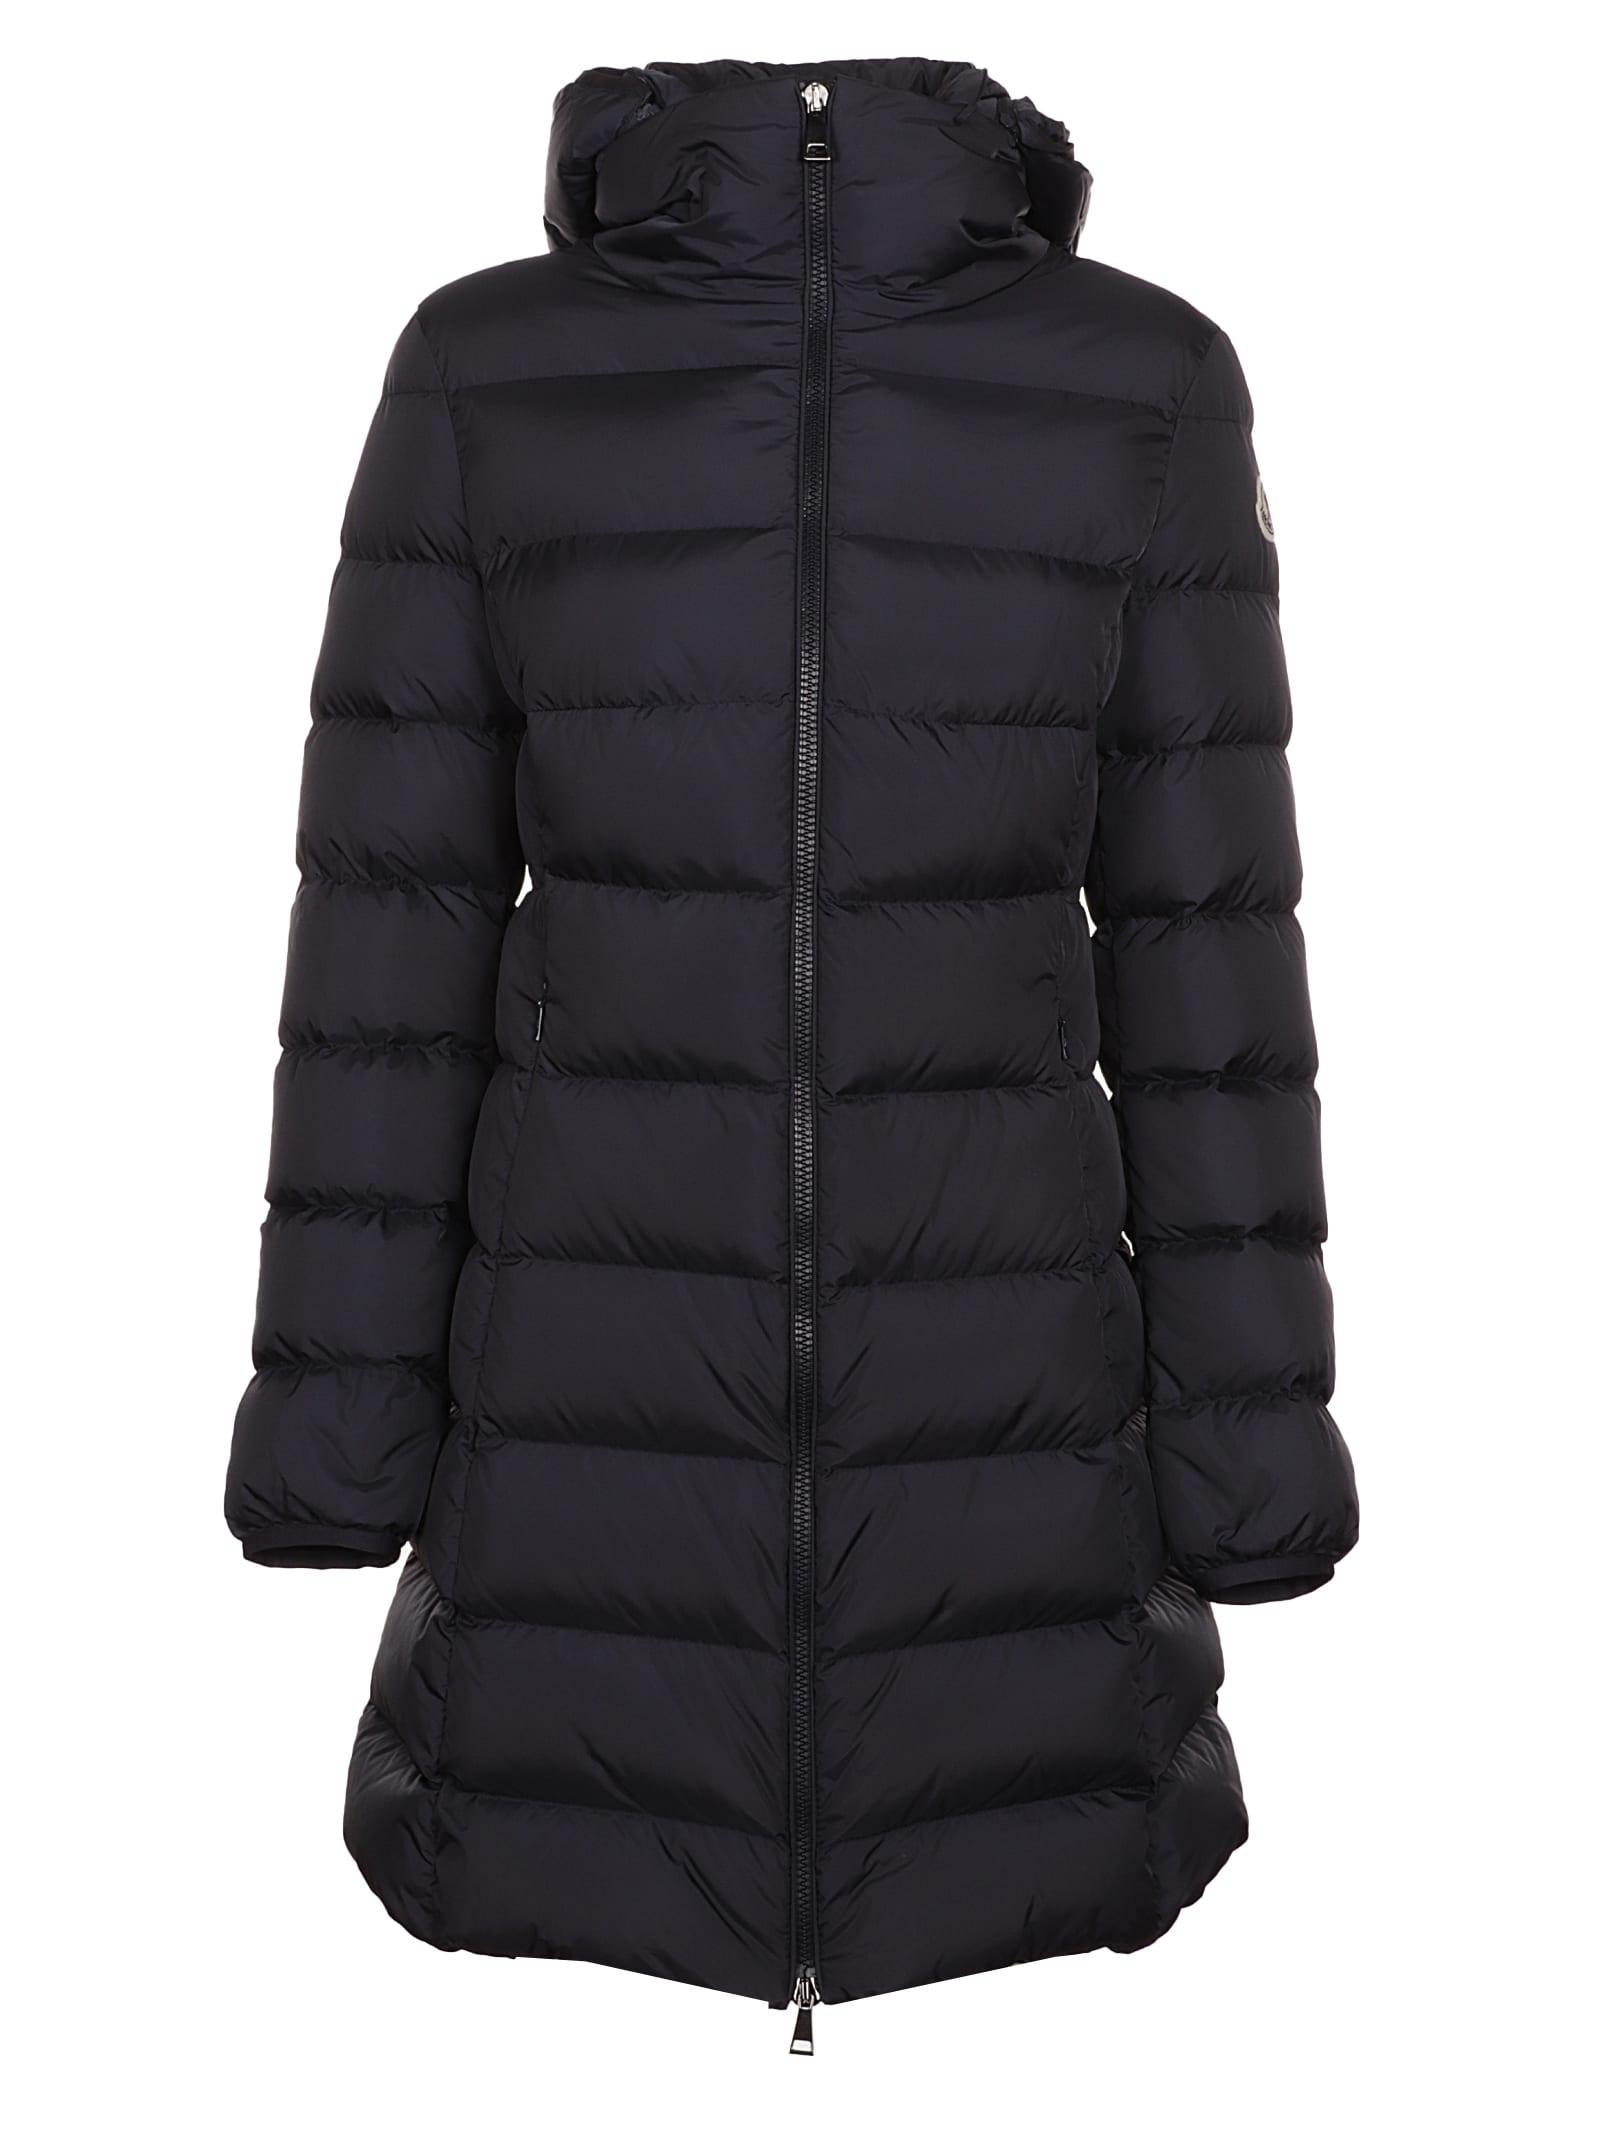 Moncler Gie Long Coat